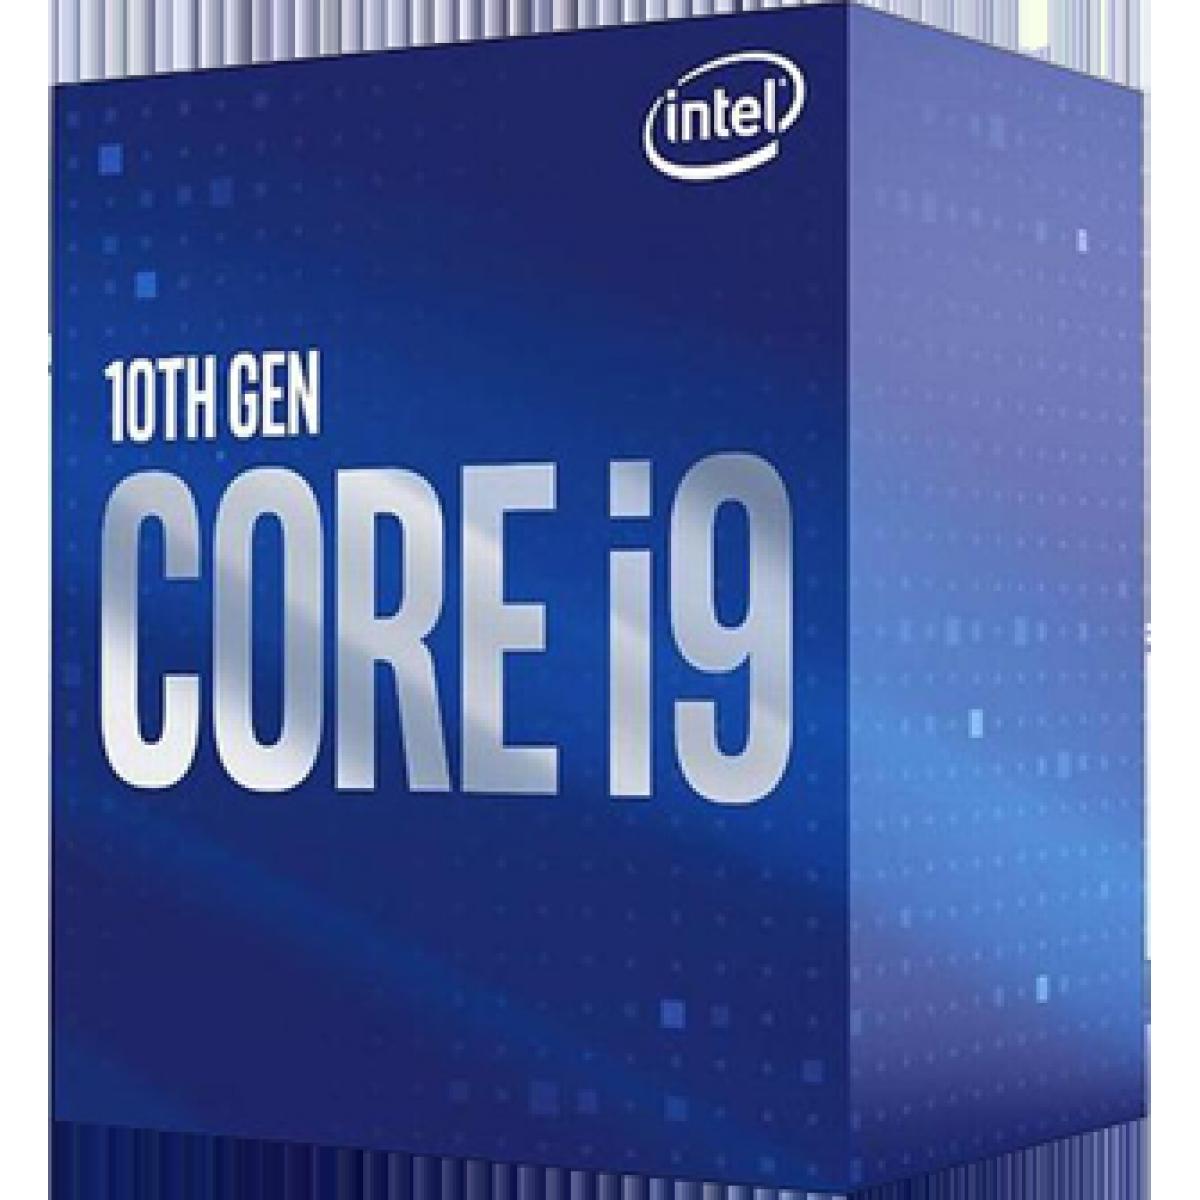 Processador Intel Core i9 10900KF, 3.70GHz (5.30GHz Turbo), 10ª Geração, 10-Cores 20-Threads, LGA 1200, BX8070110900KF